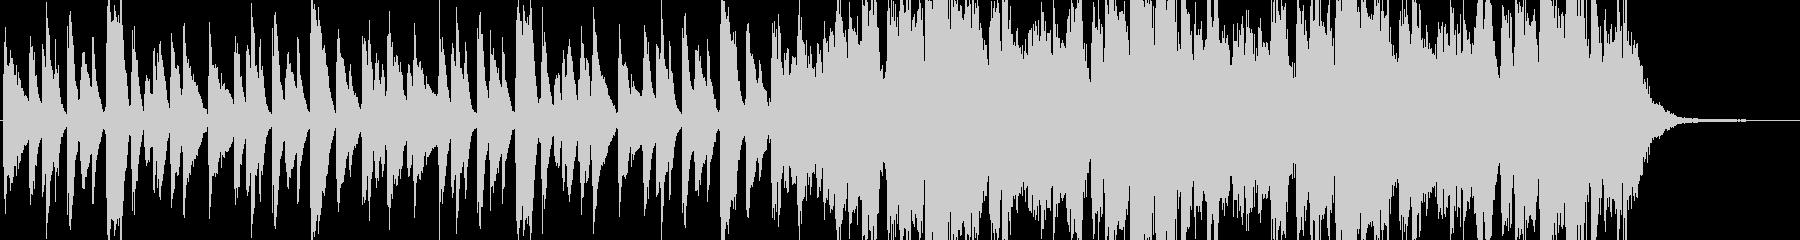 ジングル - おしゃれ雰囲気のピアノ曲の未再生の波形